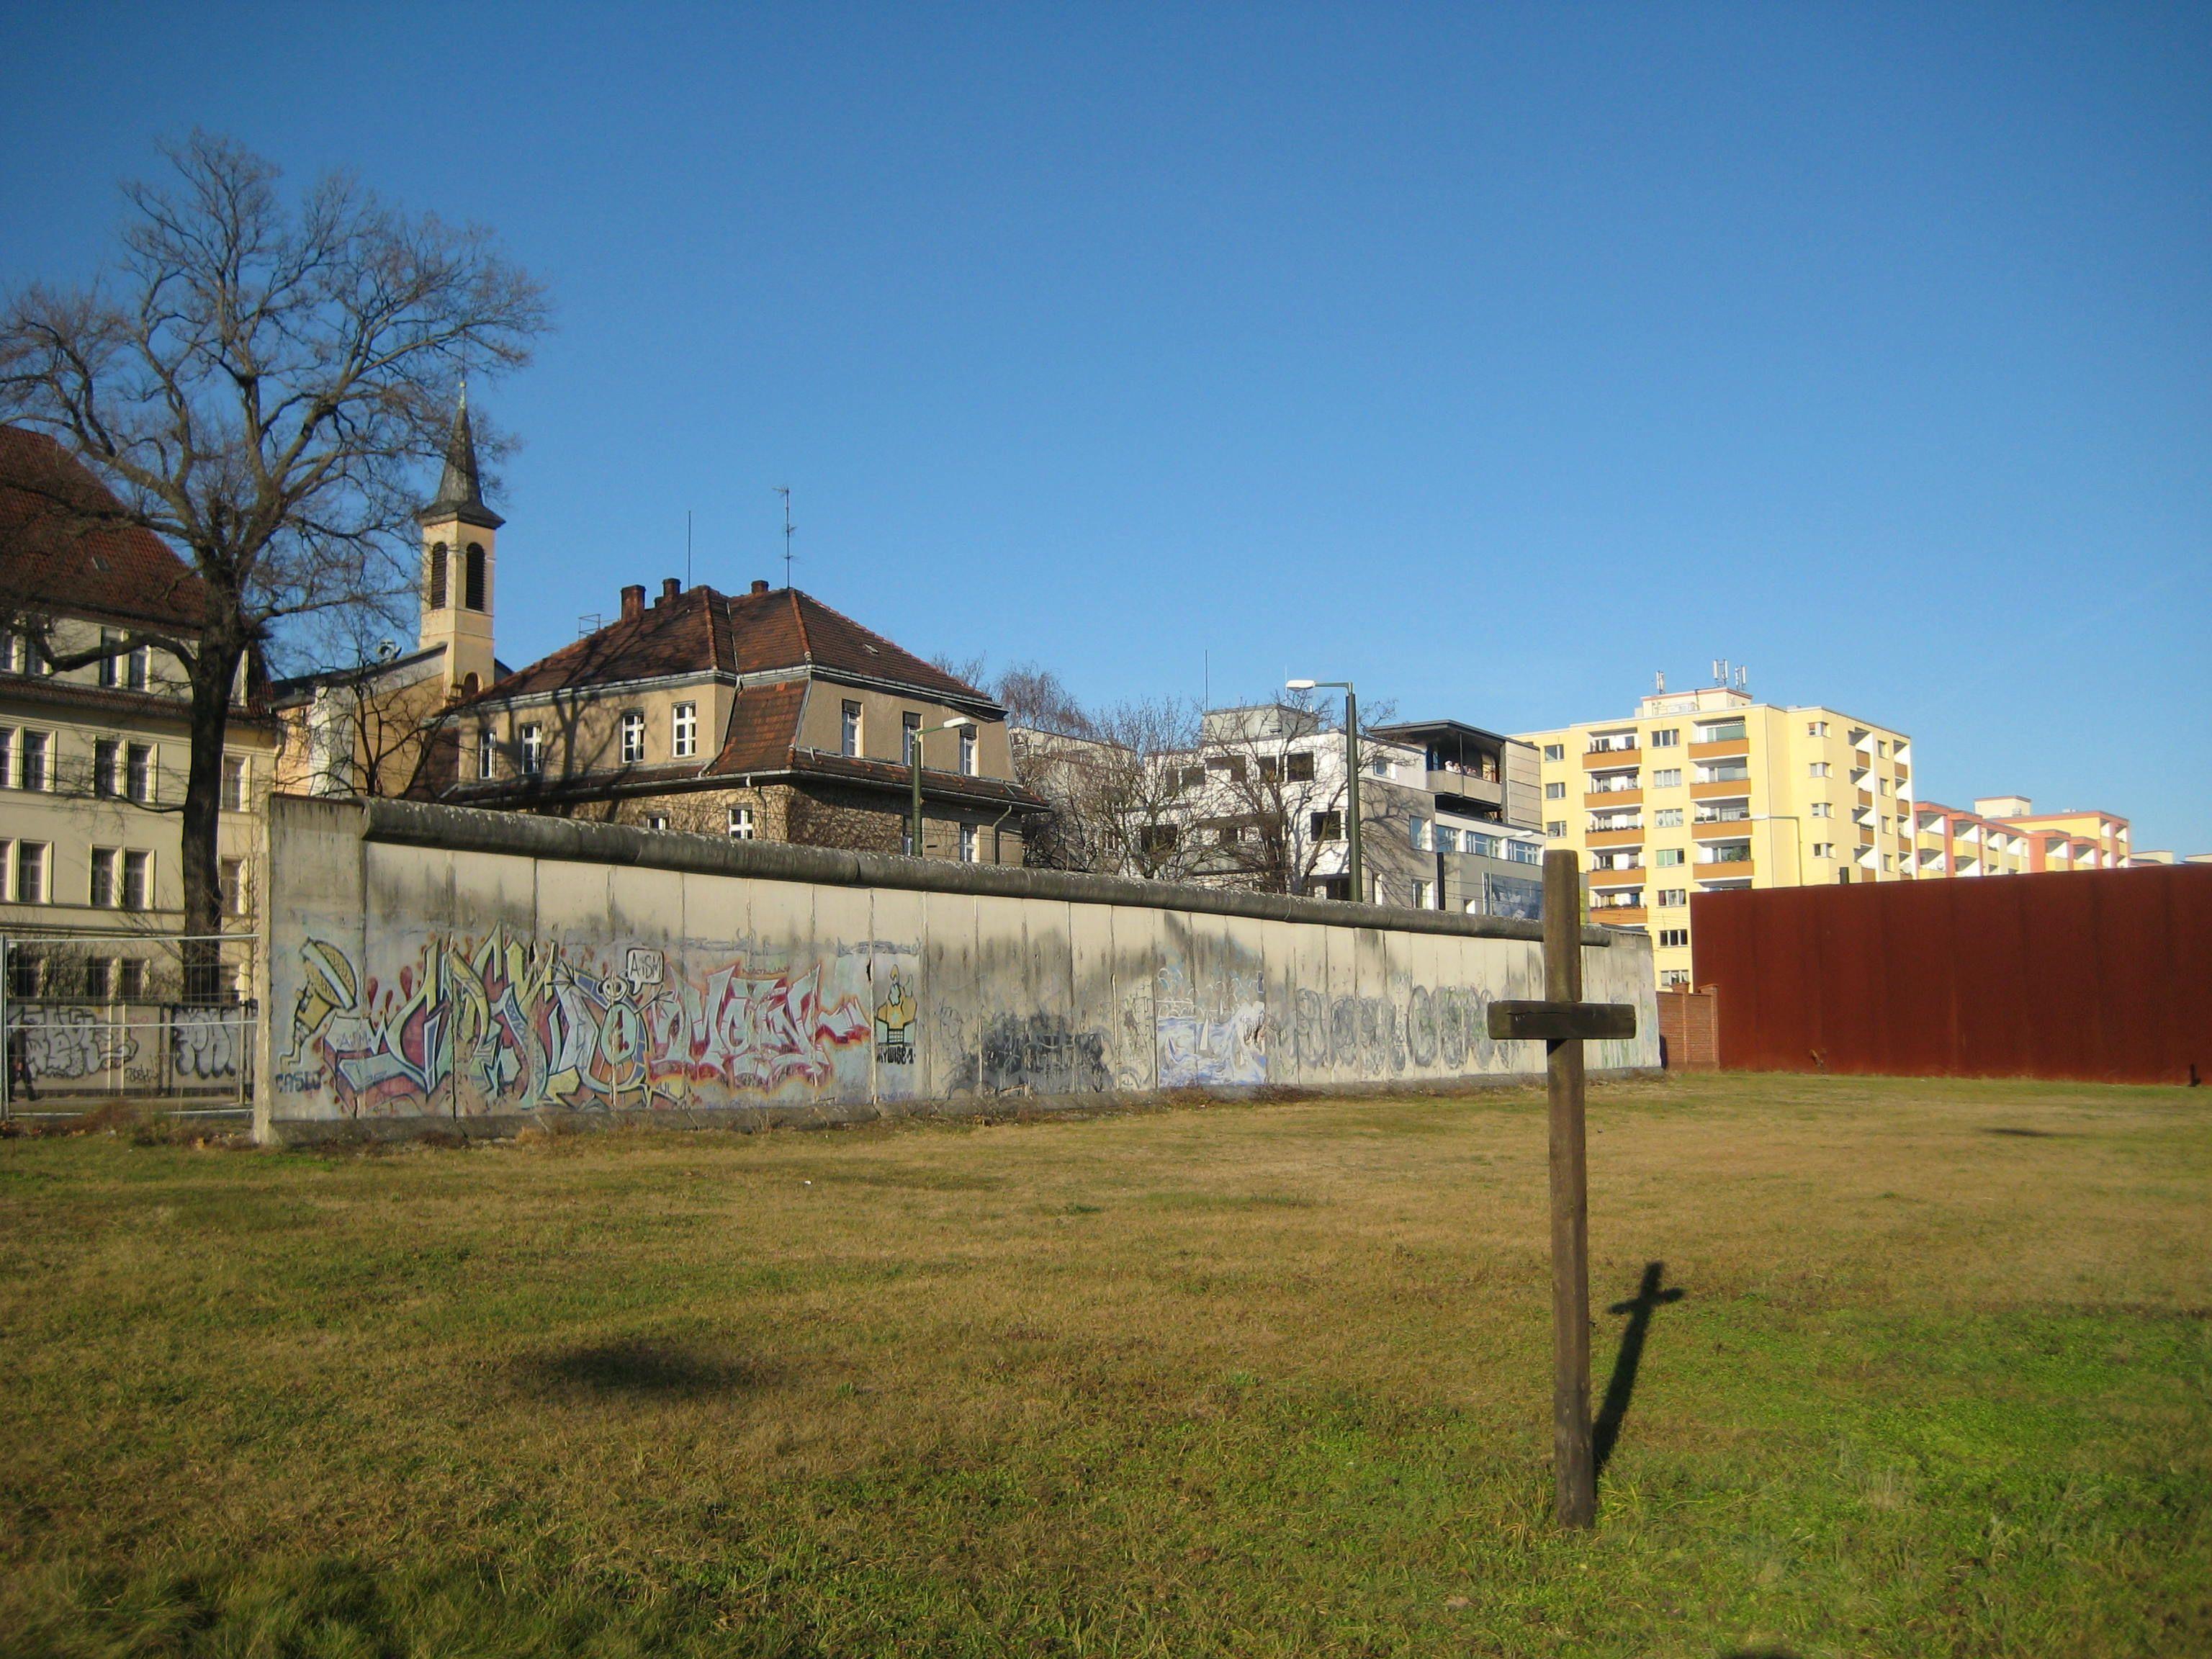 Bernauer Straße, Mauerrest, Seite Sophienfriedhof 02.jpg